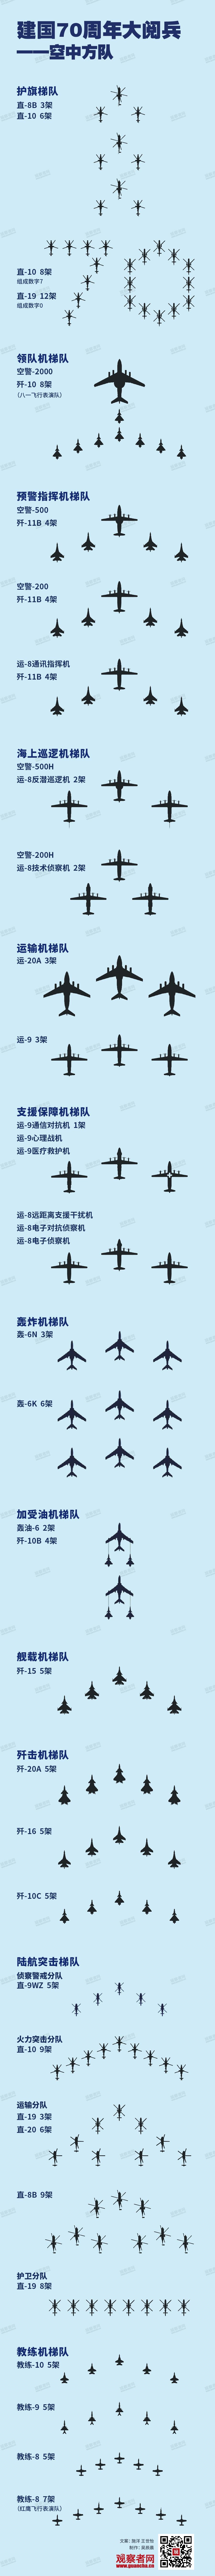 2019国庆大阅兵全部装备